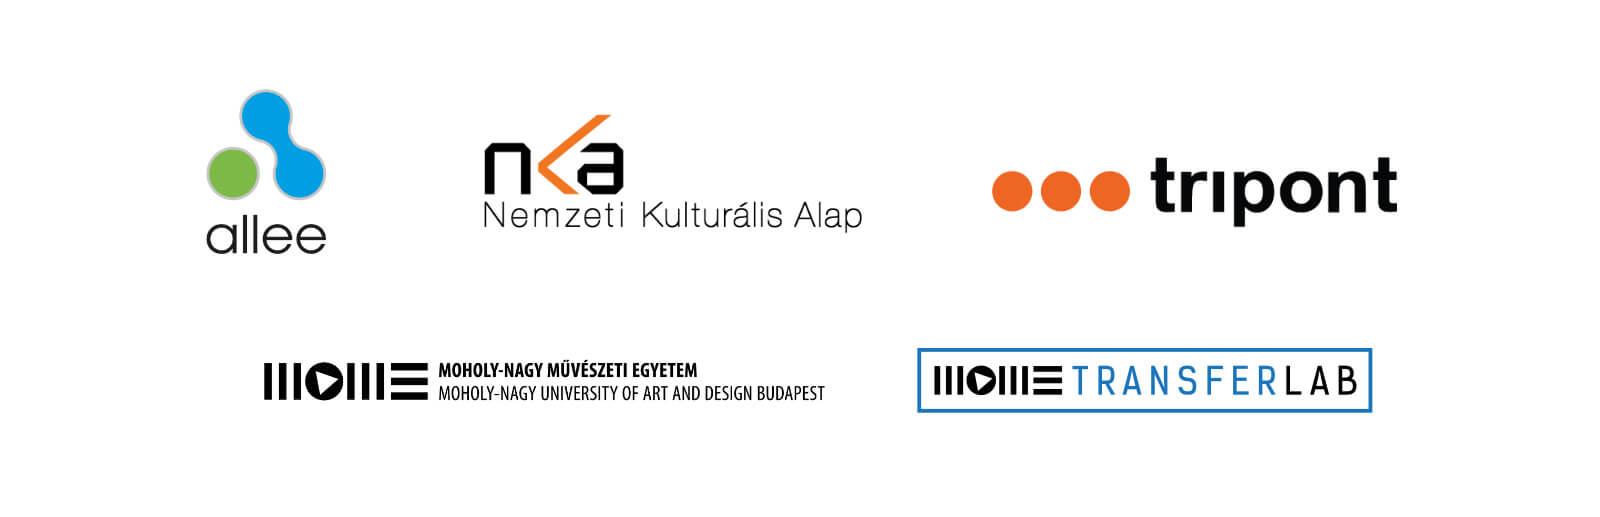 Közreműködők, partnerek logói: Nemzeti Kulturális Alap, Allee Bevásárlóközpont, Tripont, Moholy-Nagy Művészeti Egyetem, Mome Transferlab